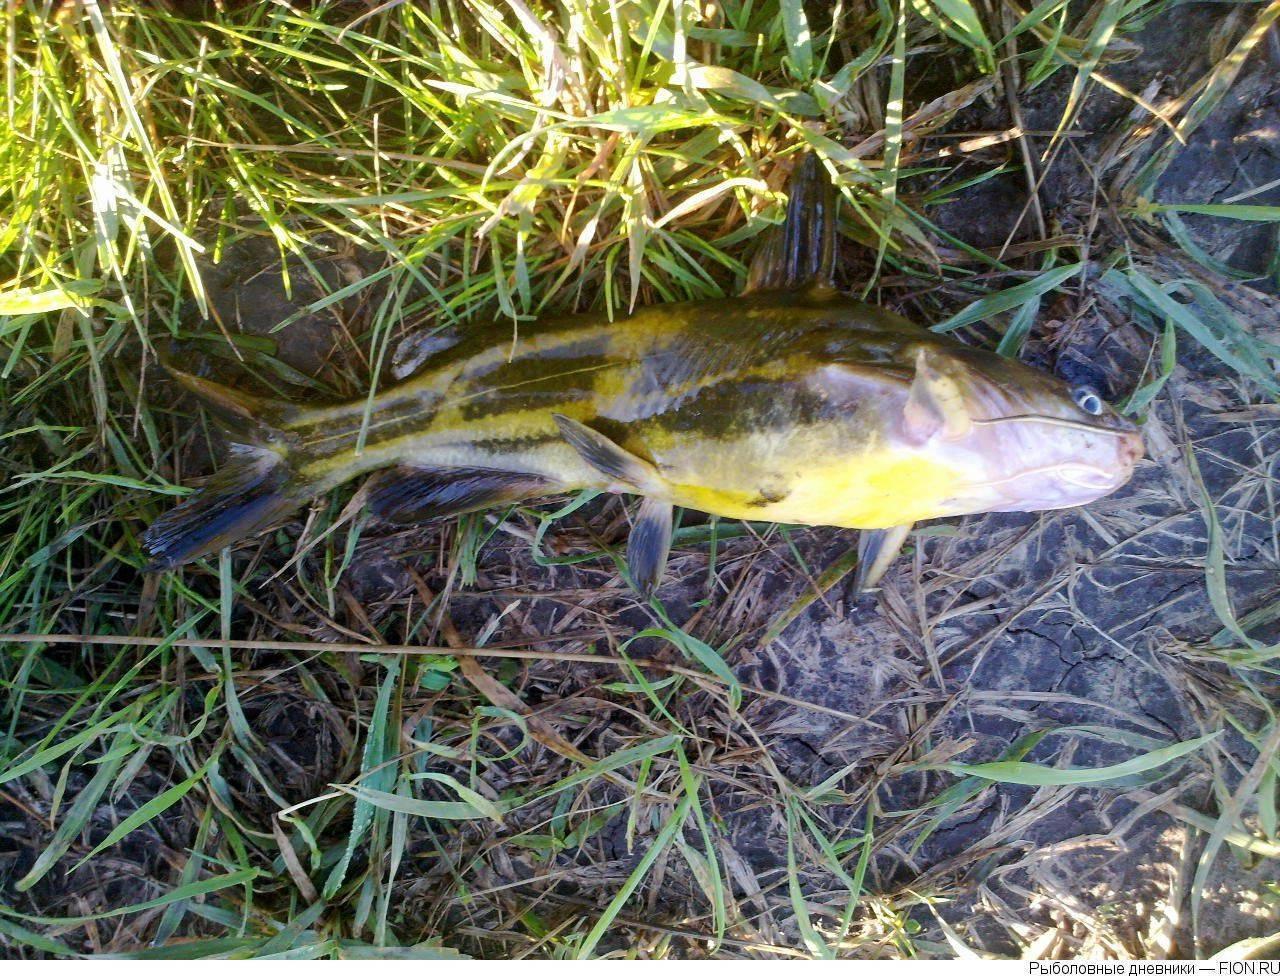 Берш рыба: фото, описание и отличия рыбы берш от судака